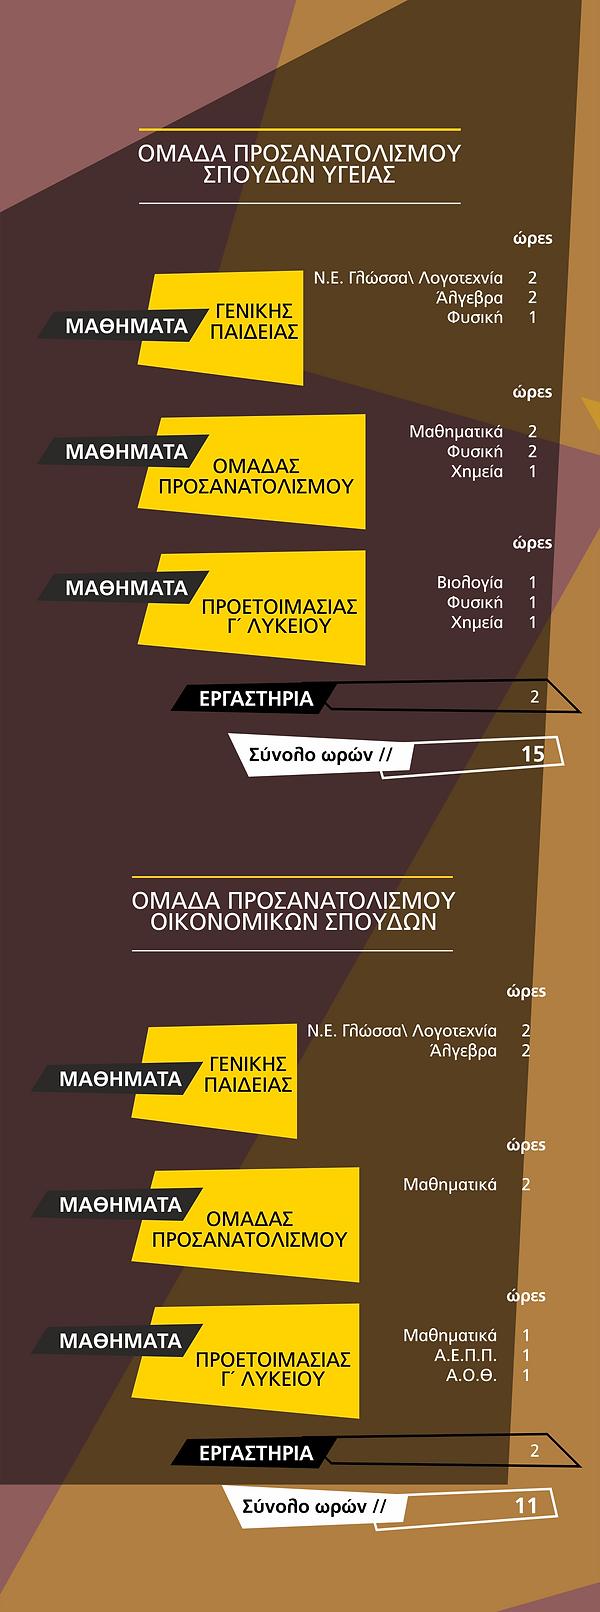 ΠΡΟΓΡΑΜΜΑ Β ΛΥΚΕΙΟΥ 2.png